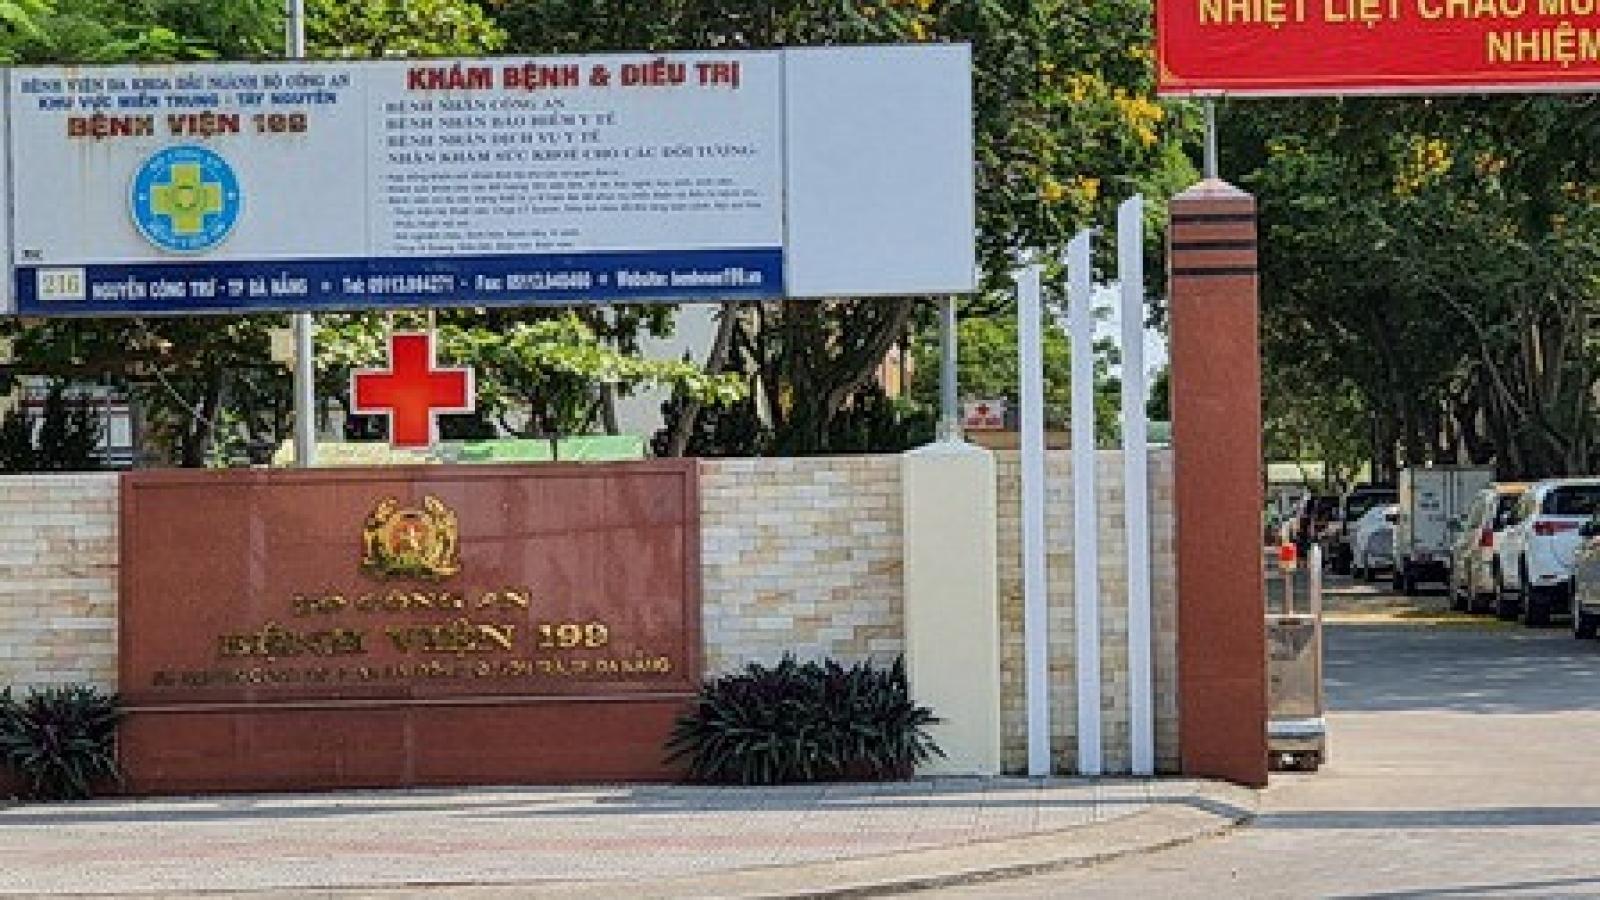 Đà Nẵng bắt 3 đối tượng đưa người nước ngoài nhập cảnh trái phép